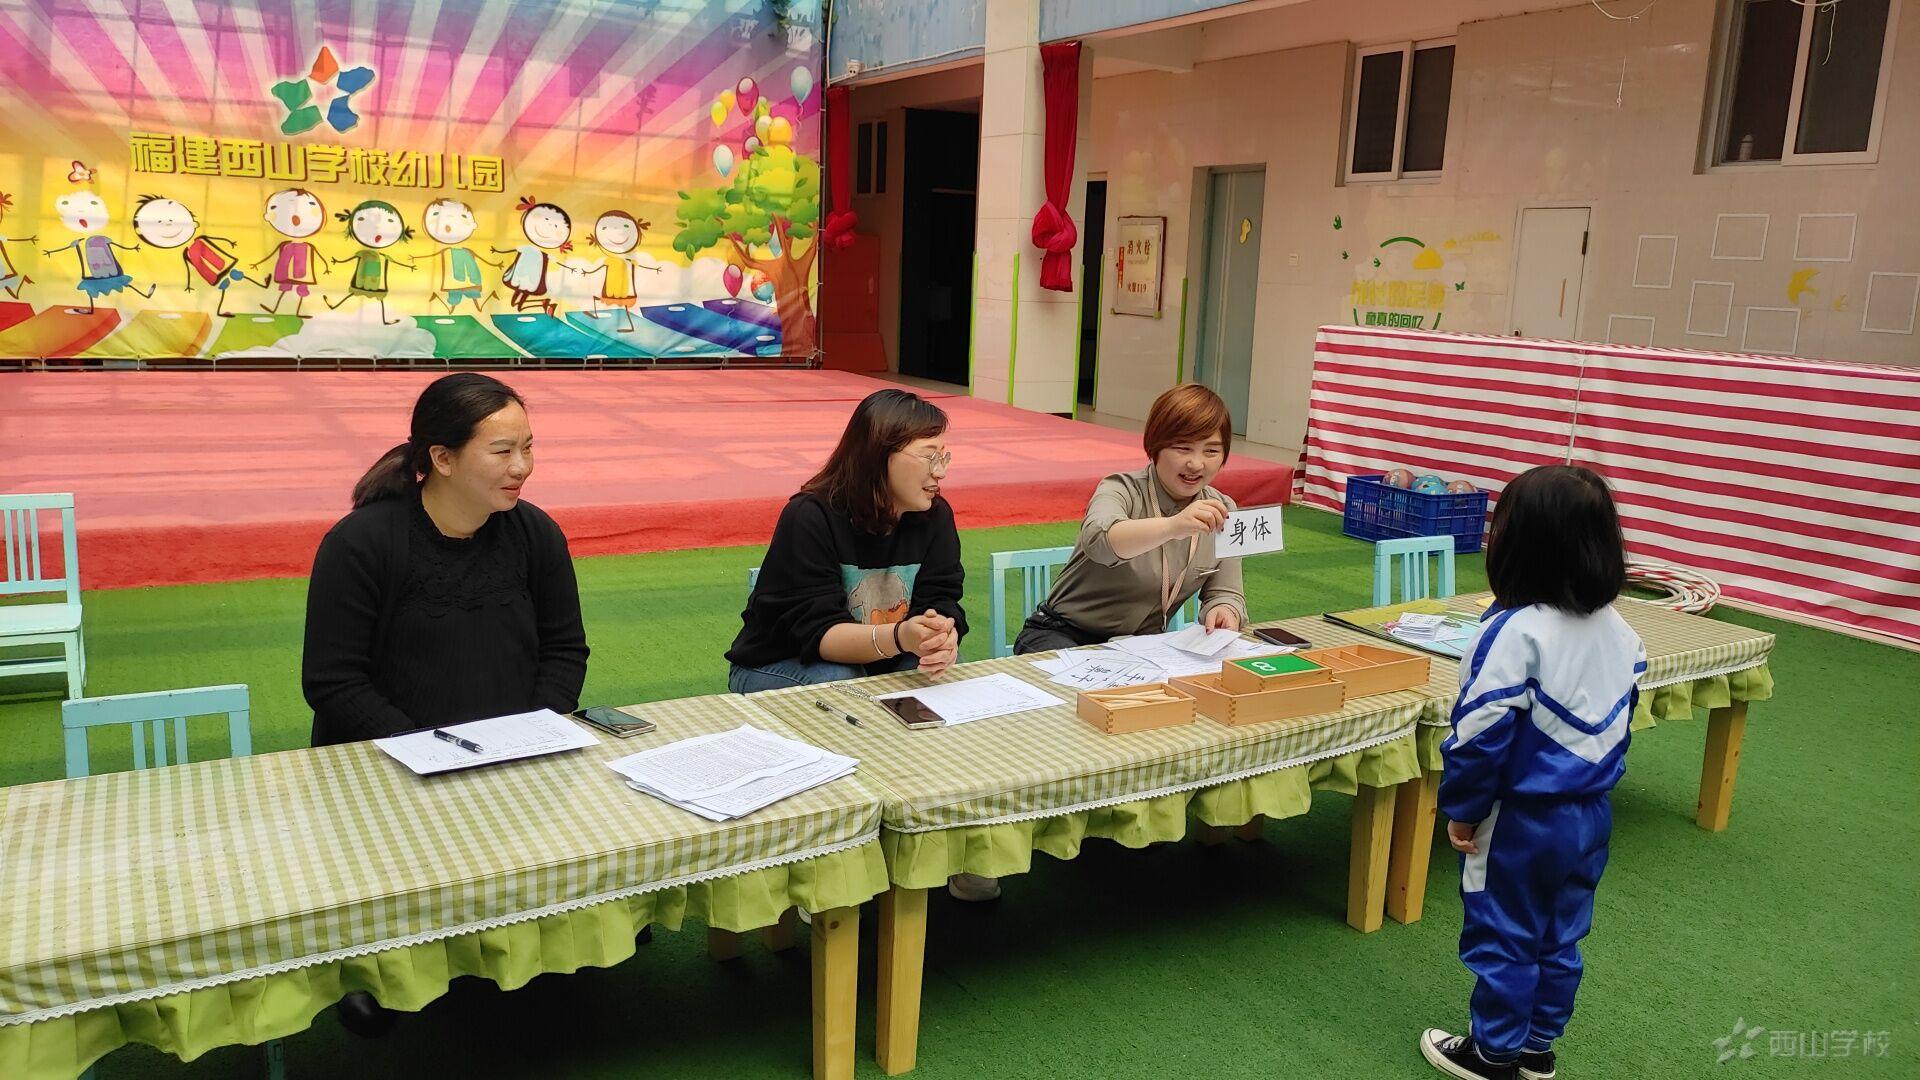 送你一朵小红花——西山学校幼儿园3月份园部幼儿发展测评新闻报道